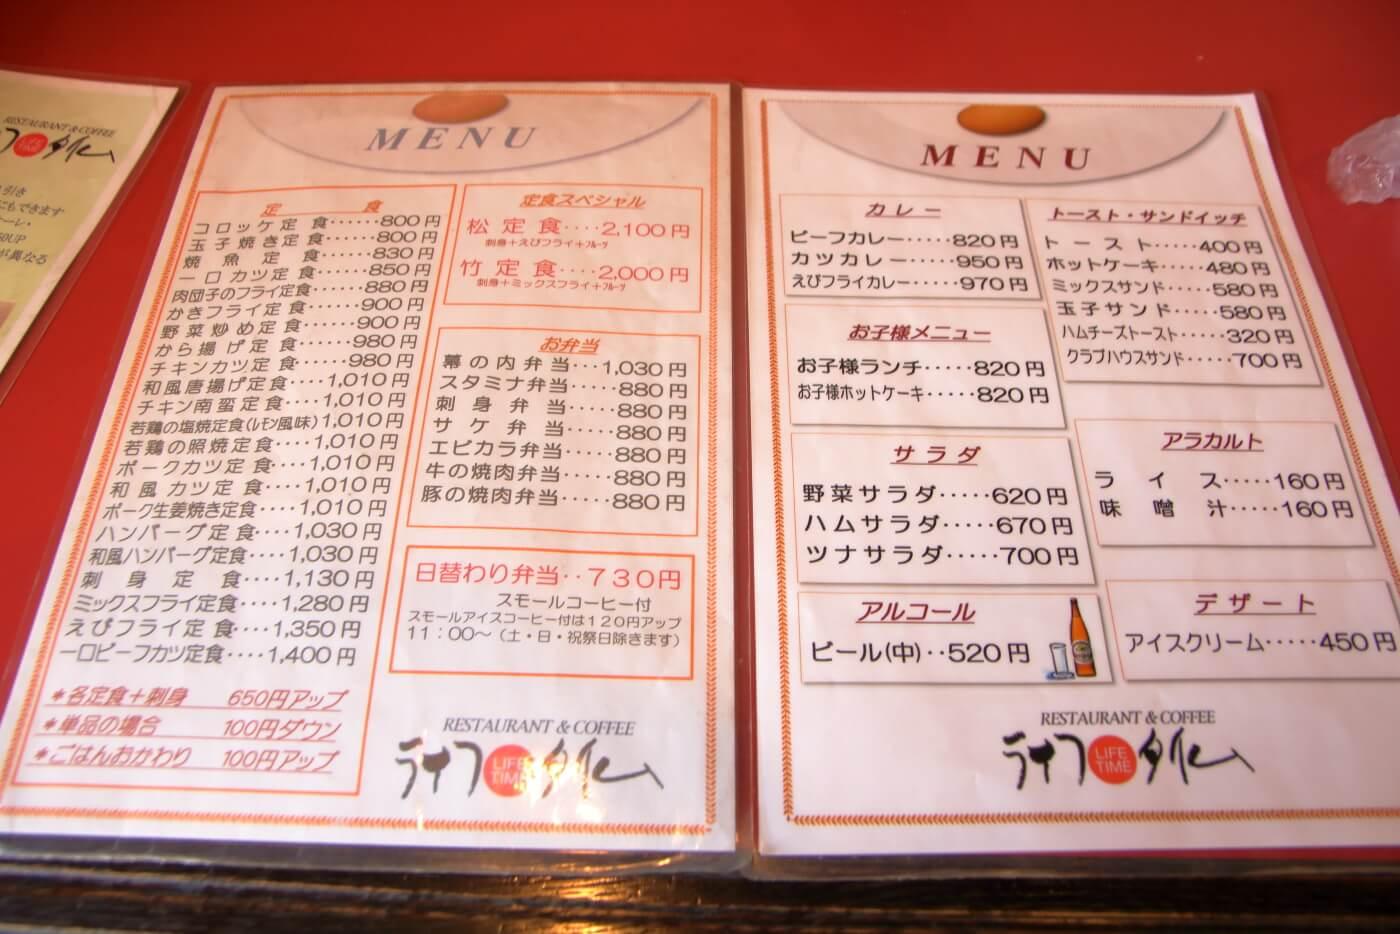 高知市のレストラン ライフタイムのメニュー